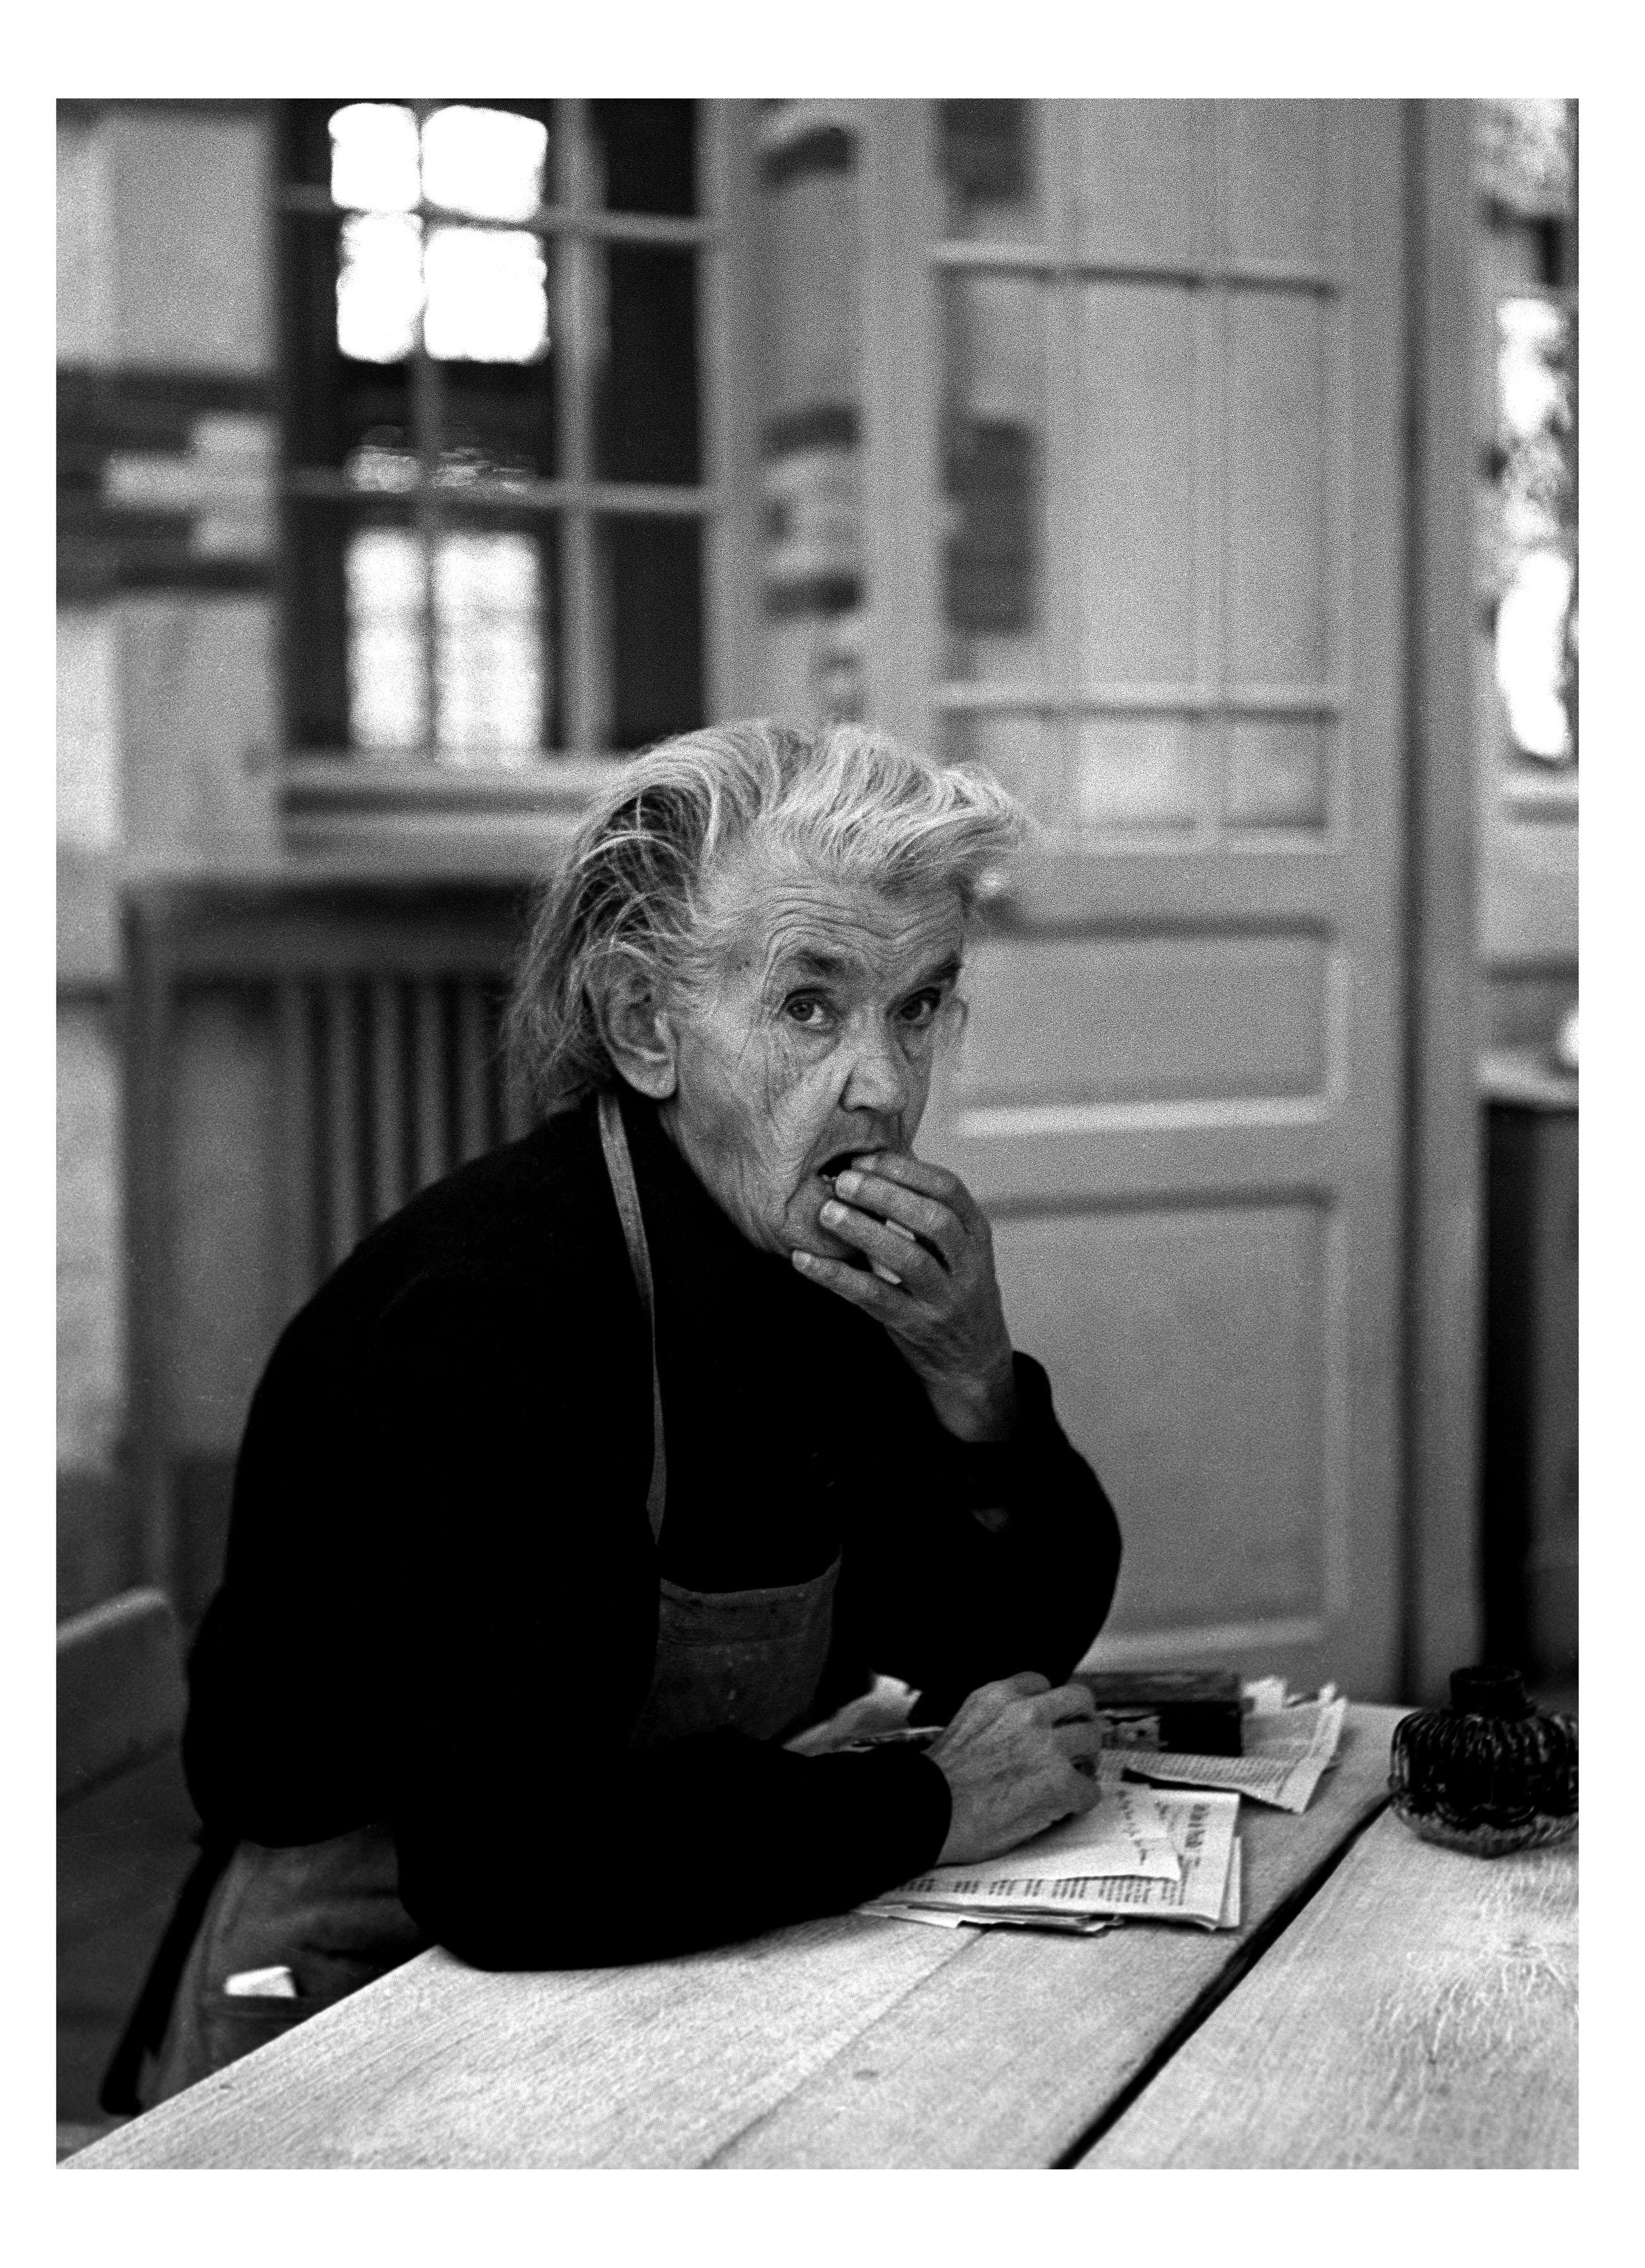 Dun-sur-Auron, 1952©Sabine Weiss